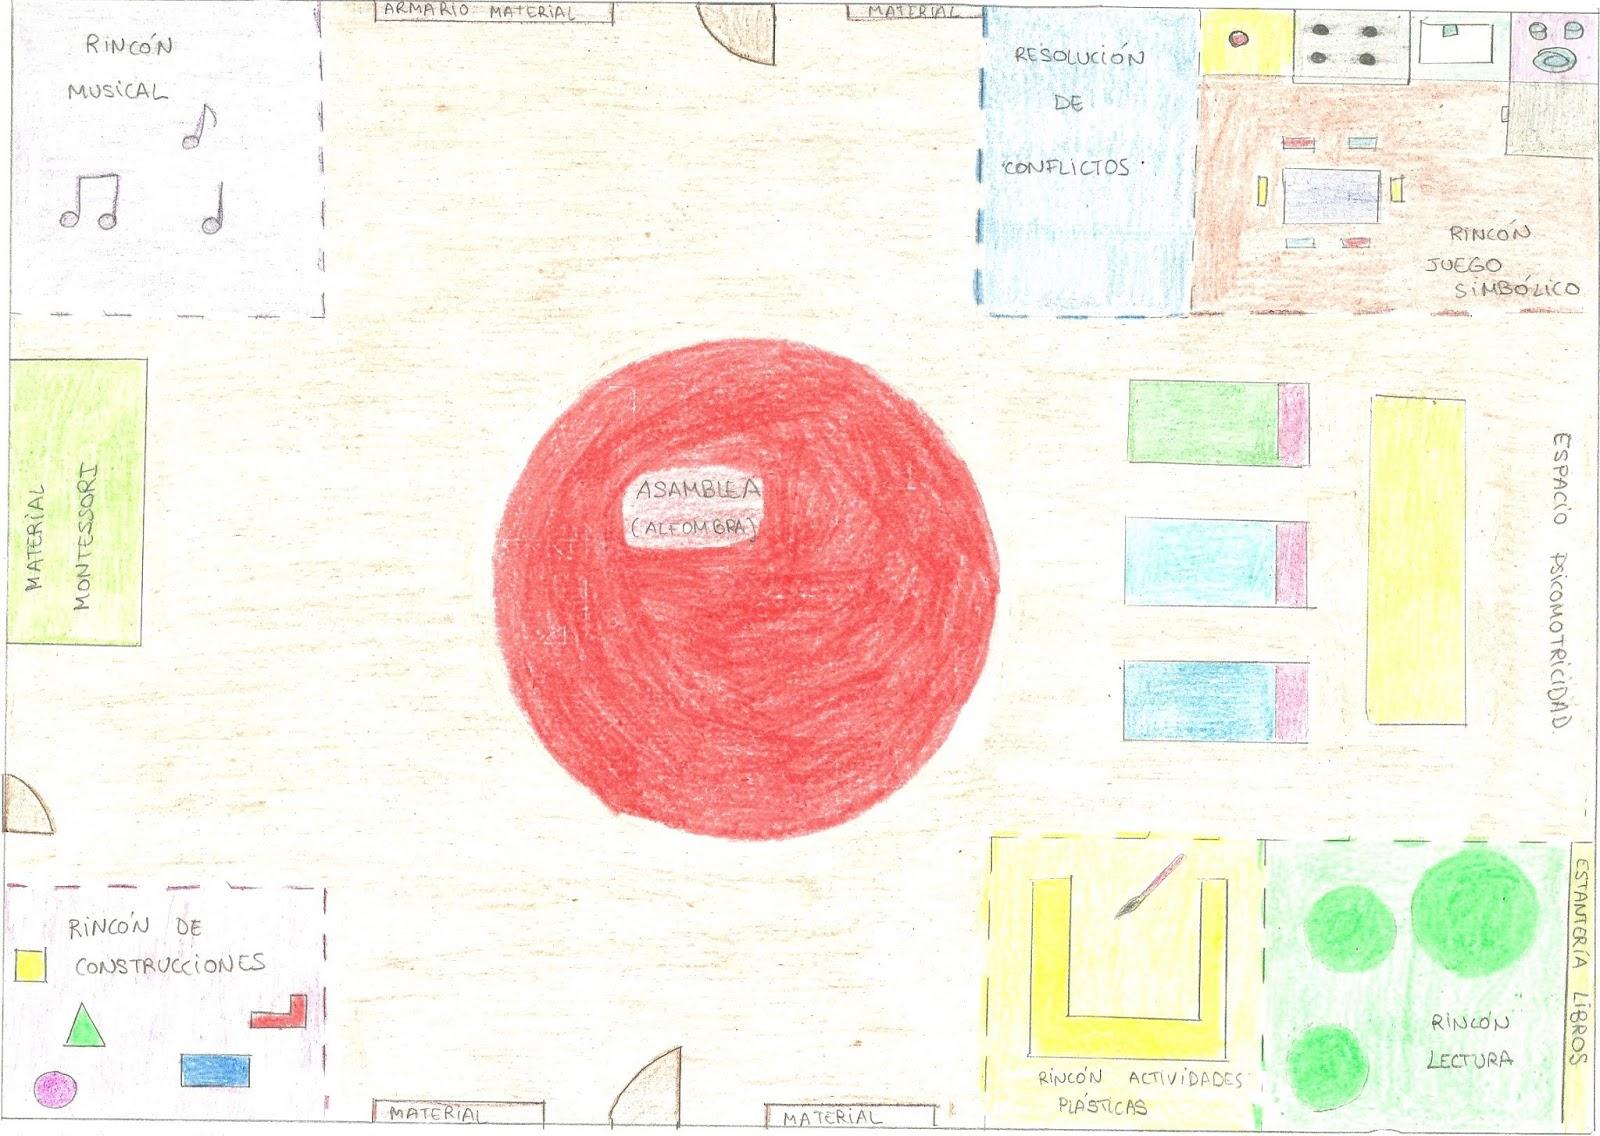 Escuela infantil xicotets plano del aula de 2 a 3 a os for Plano escuela infantil